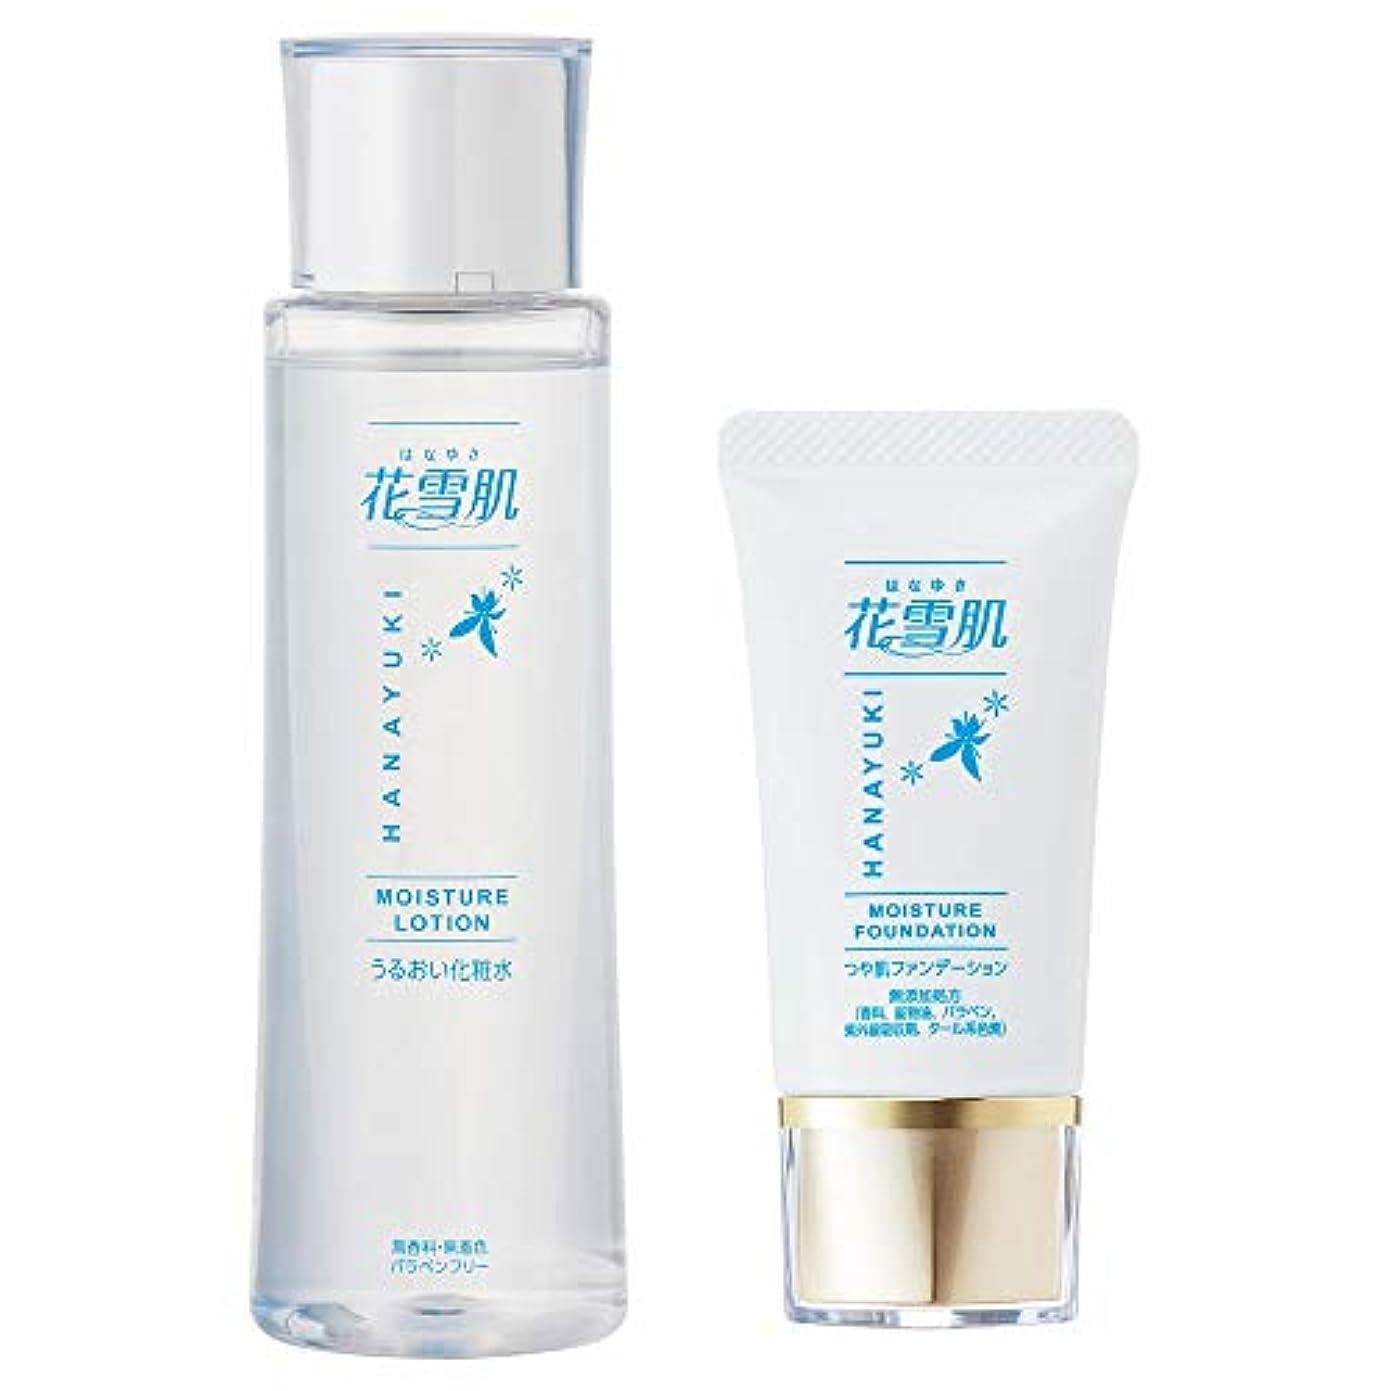 する必要がある全体違う花雪肌 [うるおい化粧水 200ml + つや肌ファンデーション 25gセット] 10種類の美容液成分を配合 オールインワン ヒアルロン酸 コラーゲン